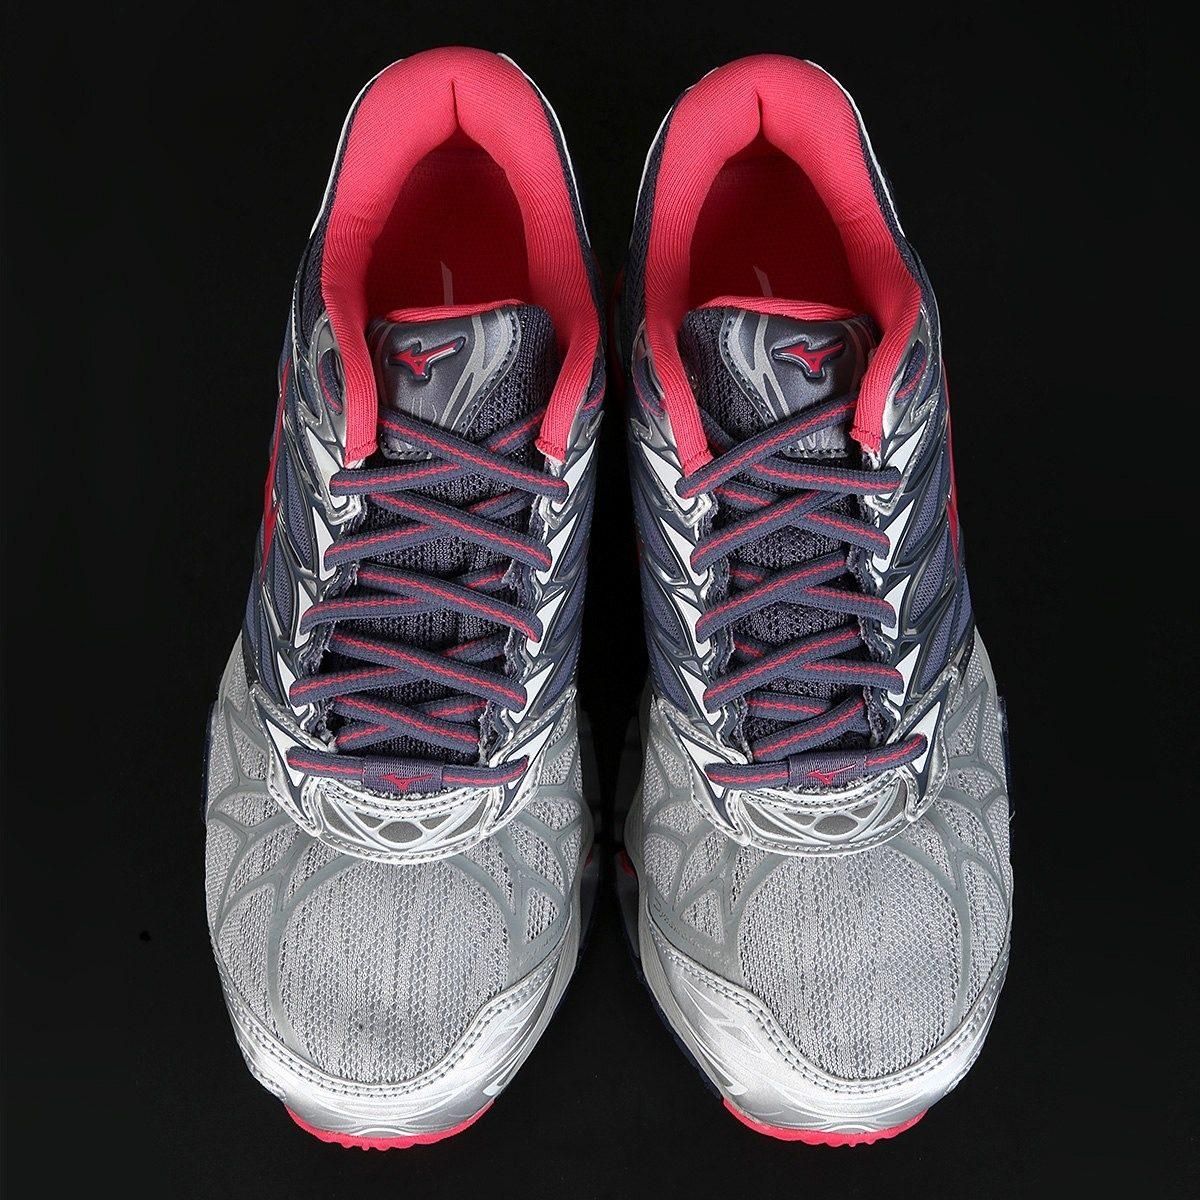 d87a6ce6cc tênis mizuno wave prophecy 7 feminino - grafite e rosa. Carregando zoom.